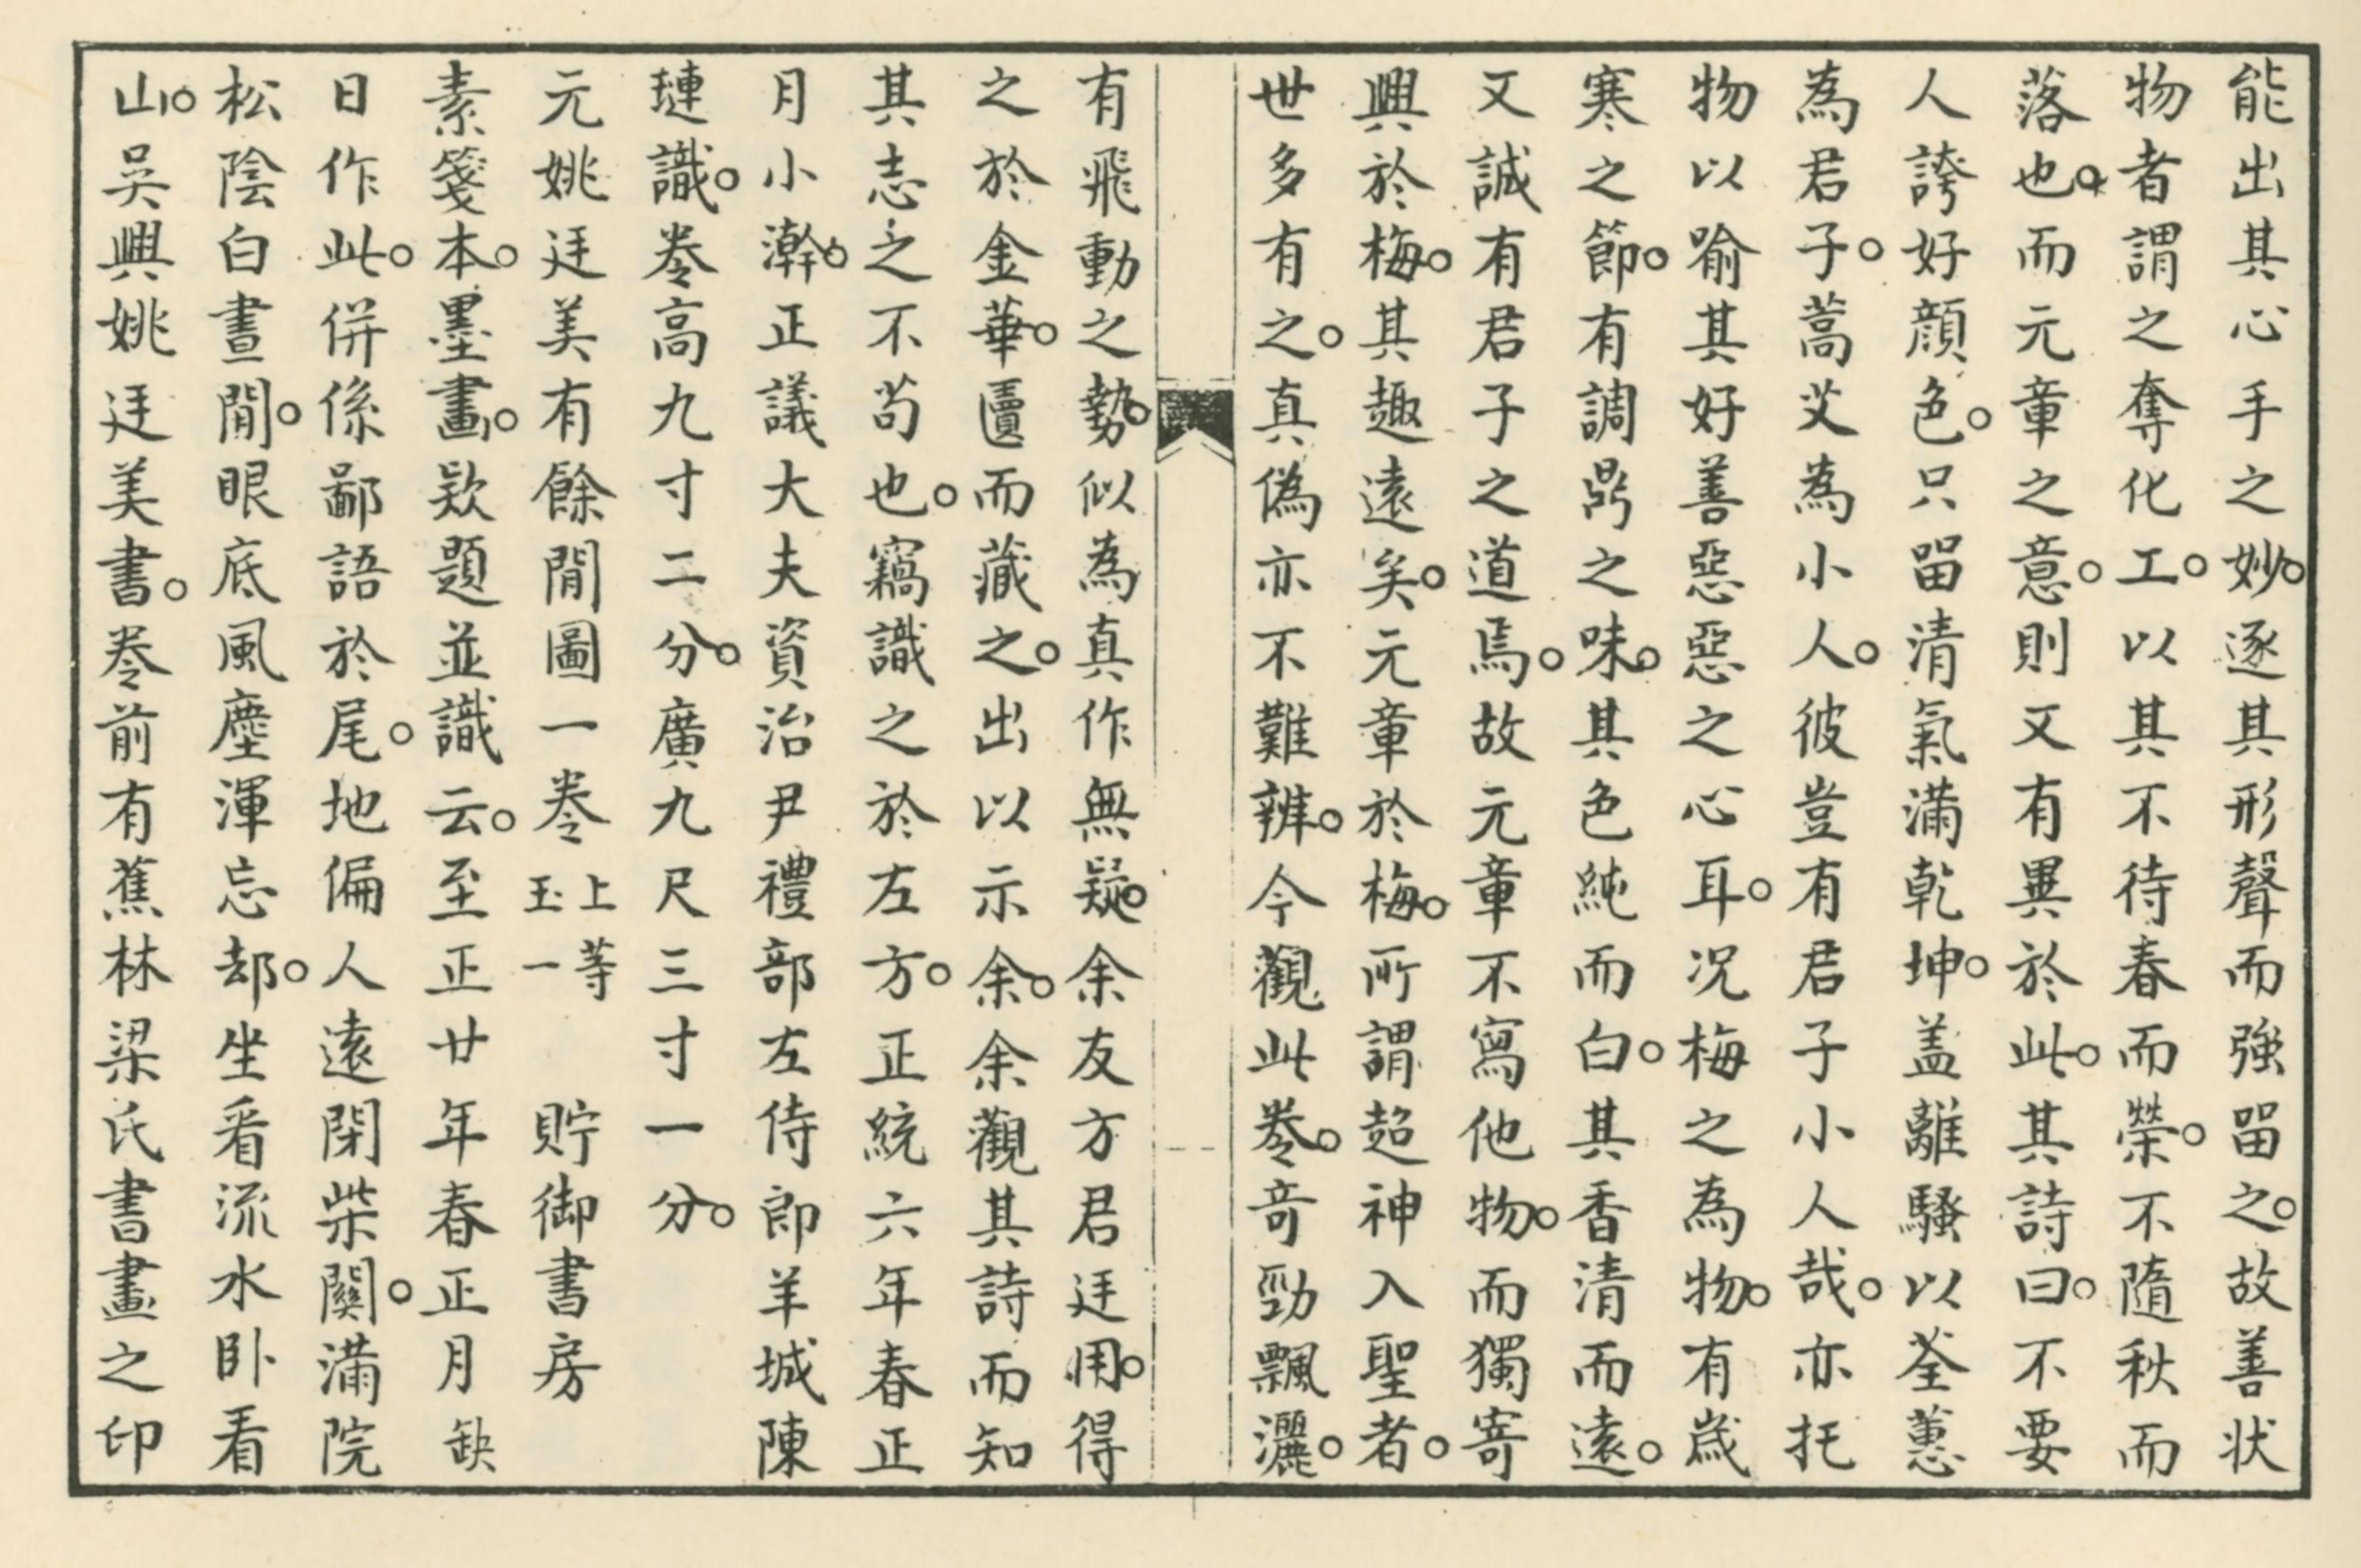 WANG MIAN (1287-1359) AS CATALOGUED IN SHIQU BAOJI